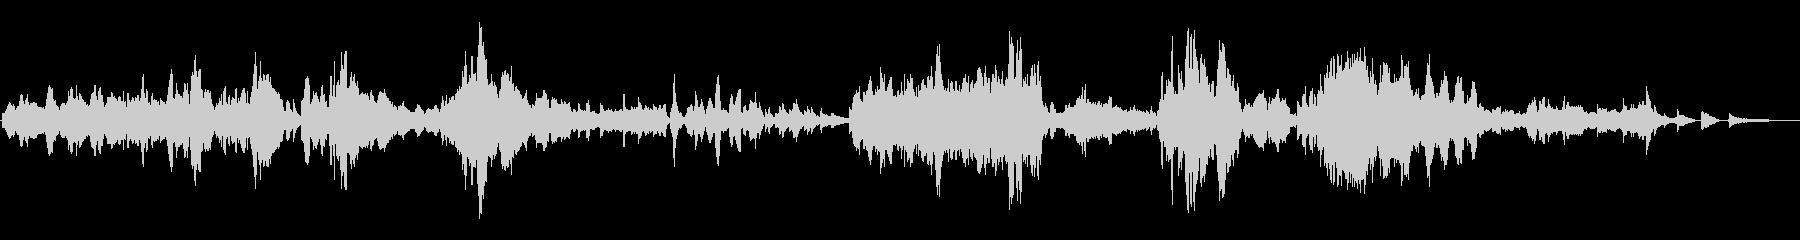 ブラームス/ヴァイオリン・ソナタ3-2の未再生の波形